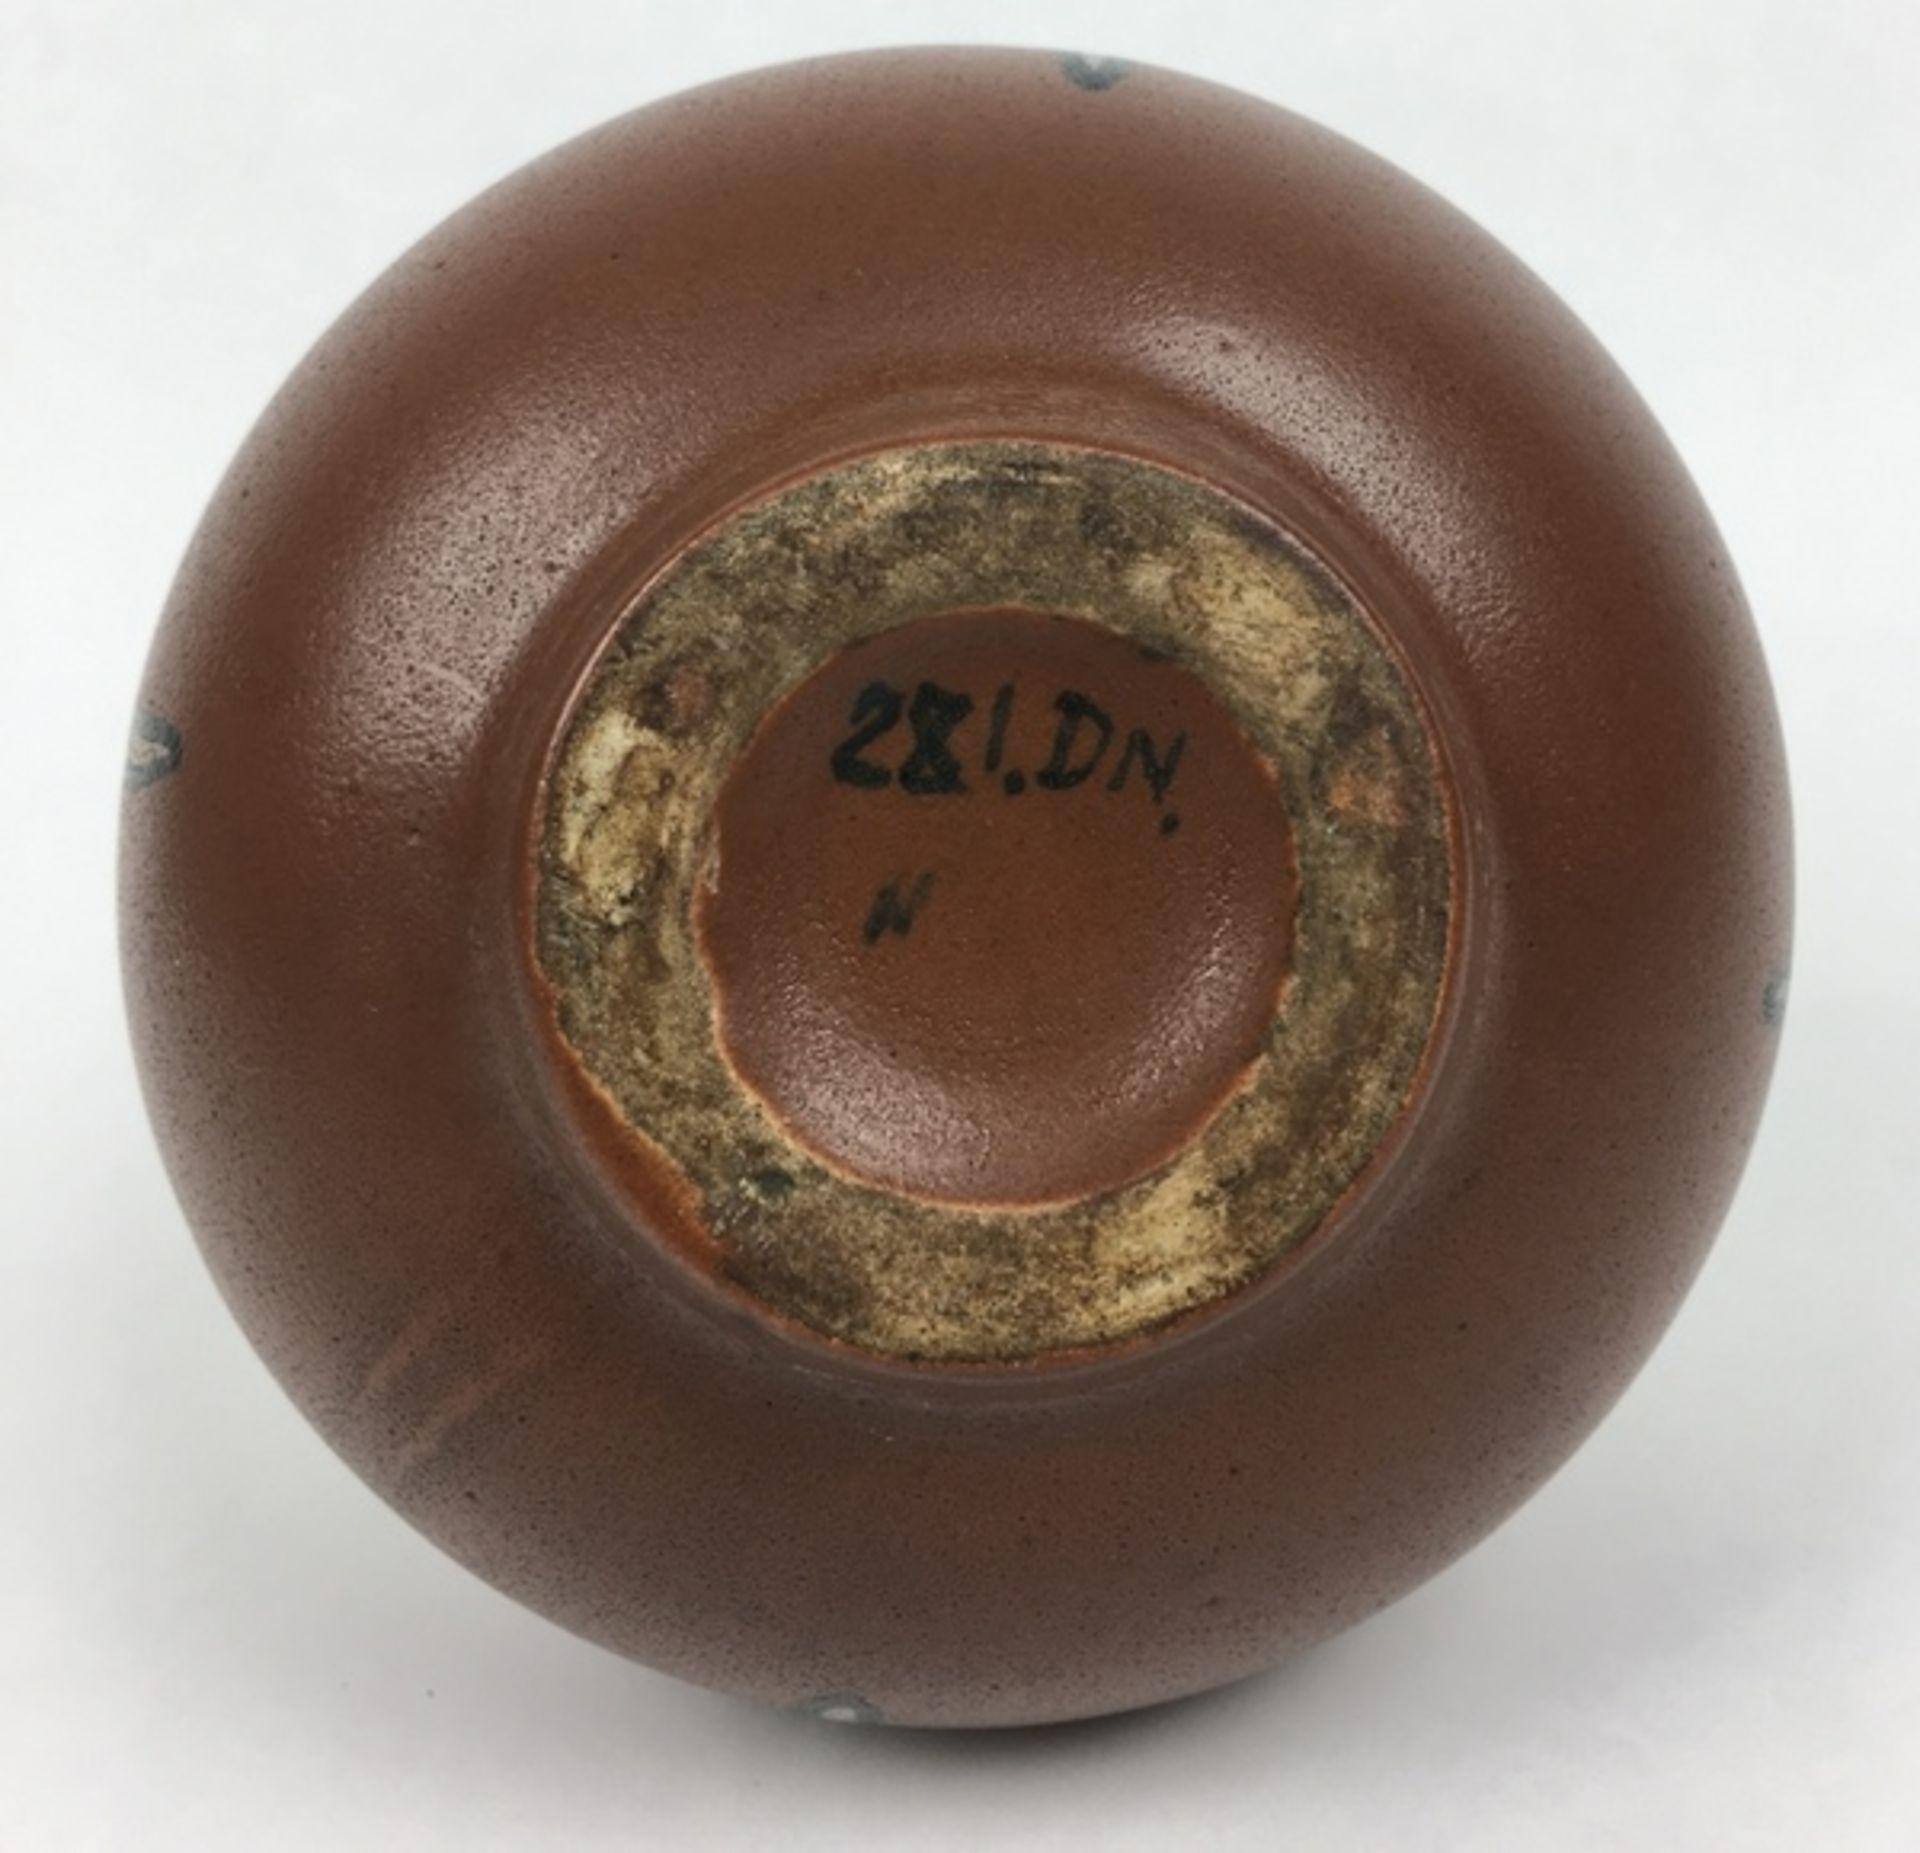 (Toegpaste kunst) Aardewerk vaas, Nienhuis De Distel AmsterdamGeglazuurde aardewerk vaas, gemaa - Image 4 of 5